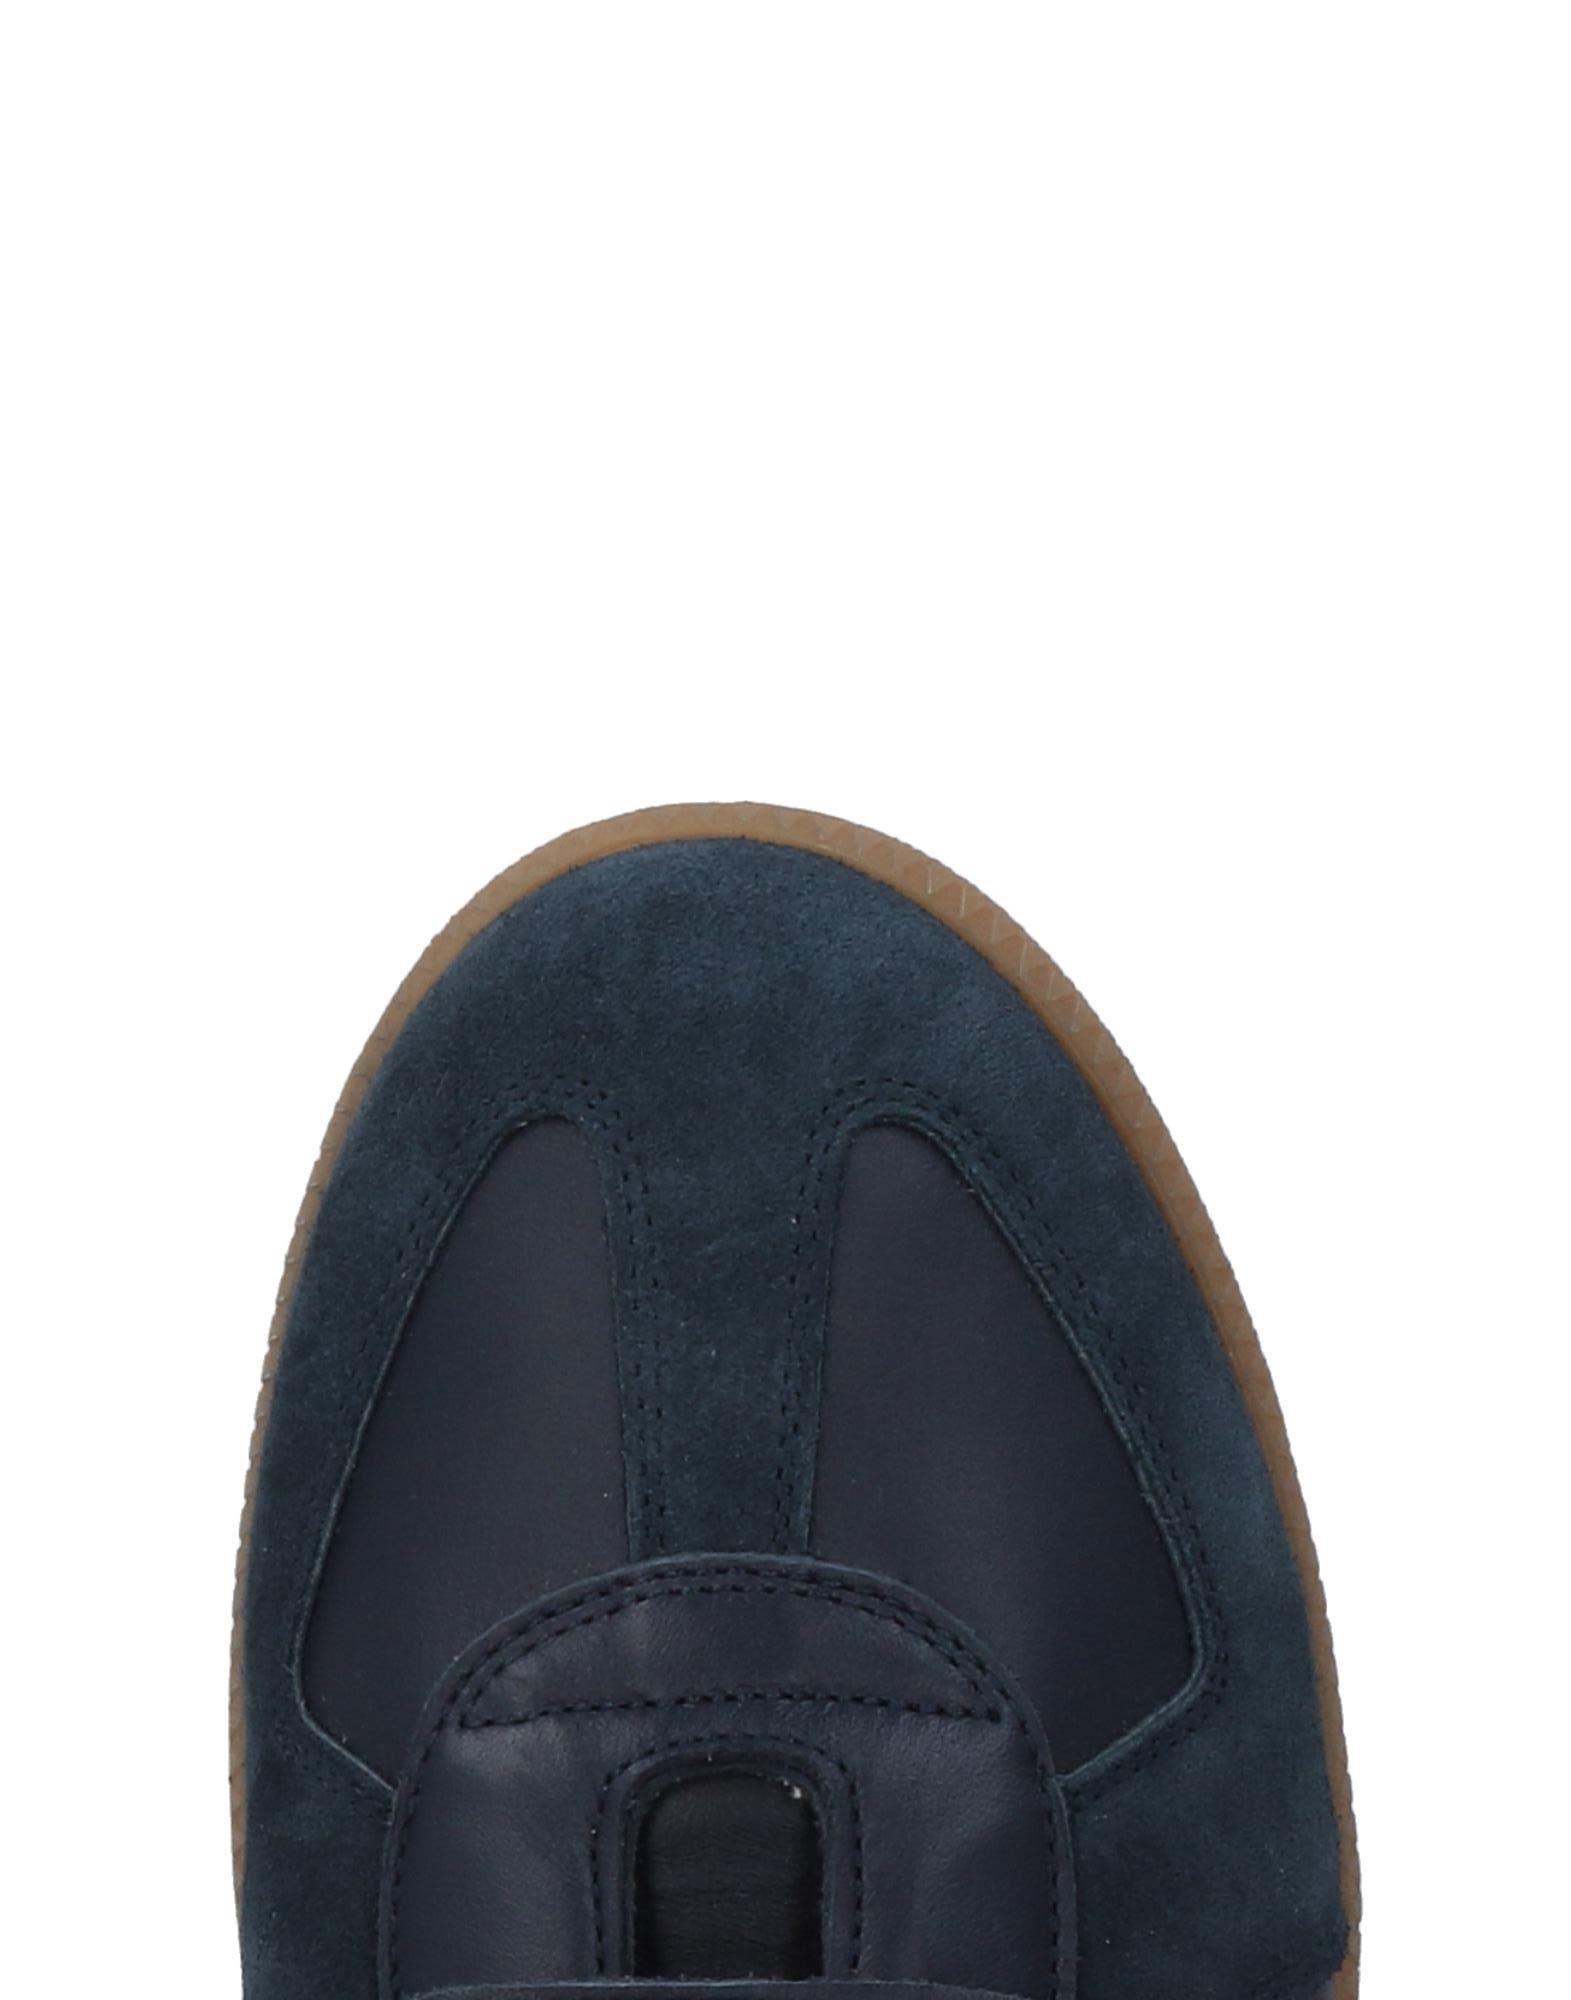 Maison Margiela Margiela Maison Sneakers Herren  11471978VR 0594ea